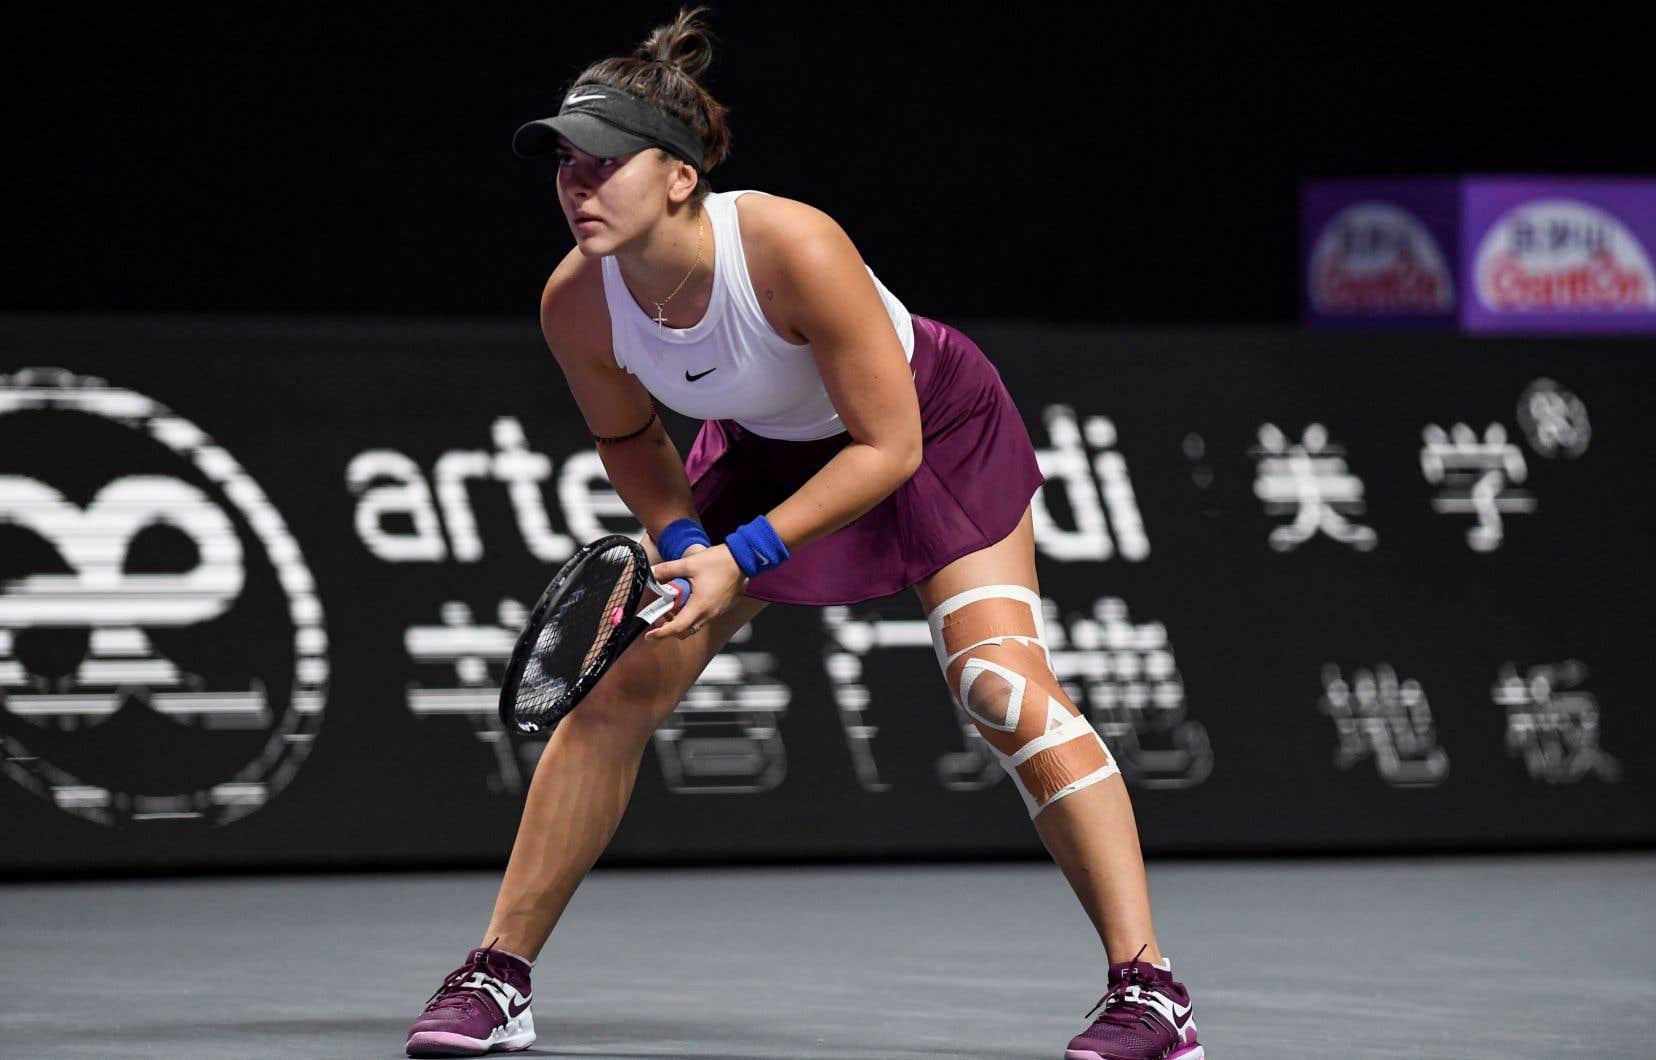 Bianca Andreescu a connu une année très positive, qui lui a permis d'émerger de l'ombre et qui a été marquée par son triomphe en finale des Internationaux des États-Unis contre l'Américaine Serena Williams.